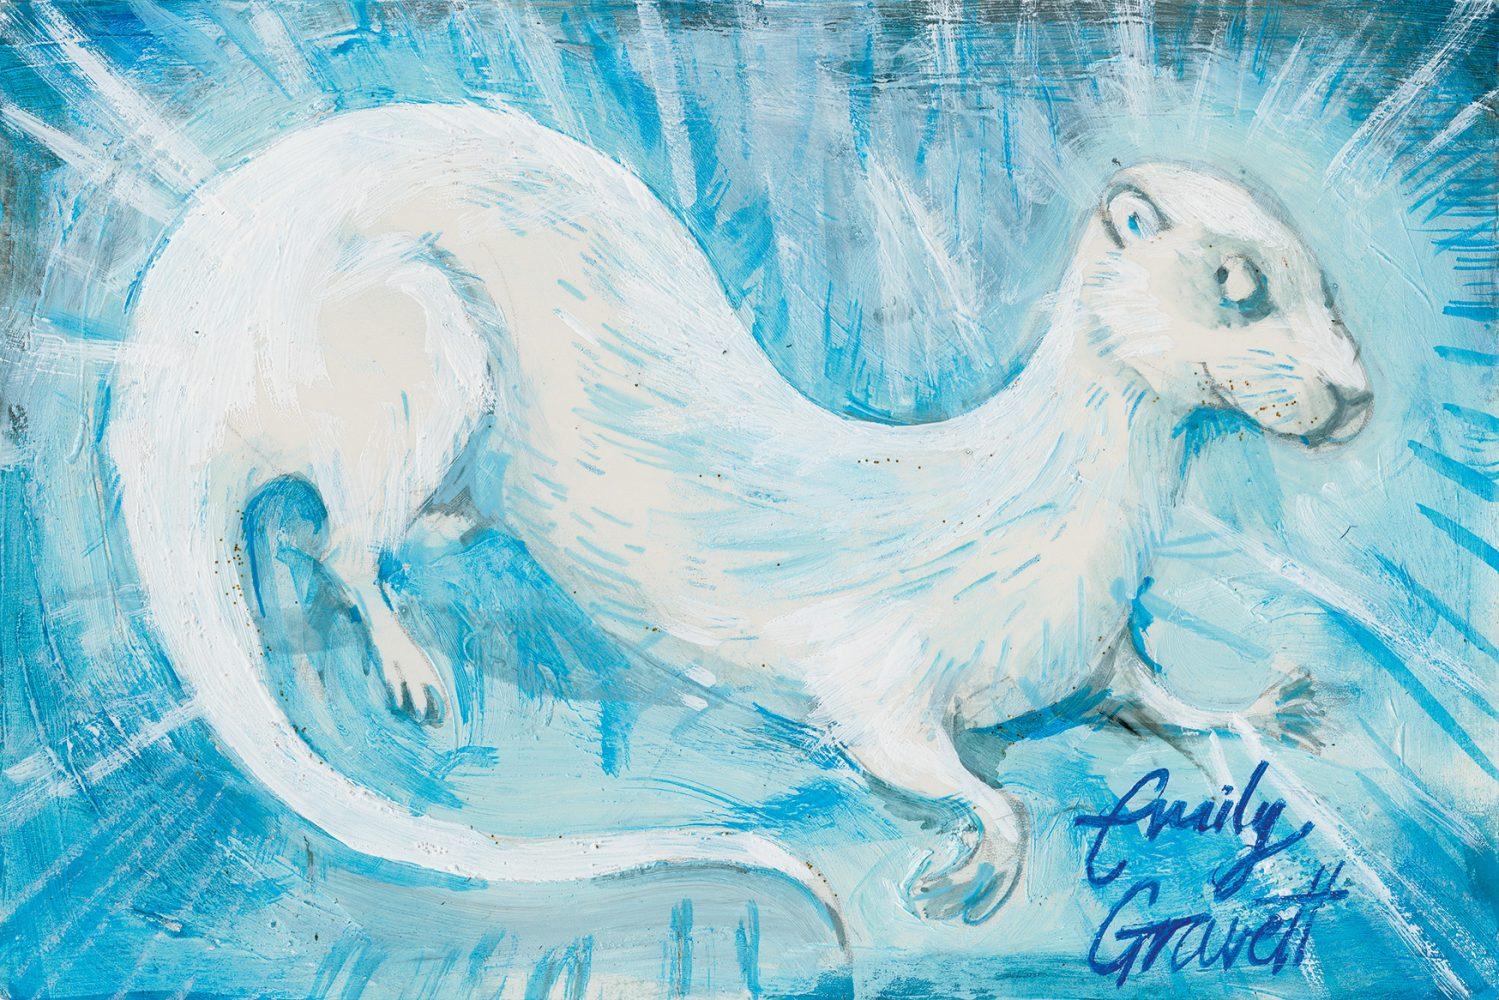 Otter – Emily Gravett